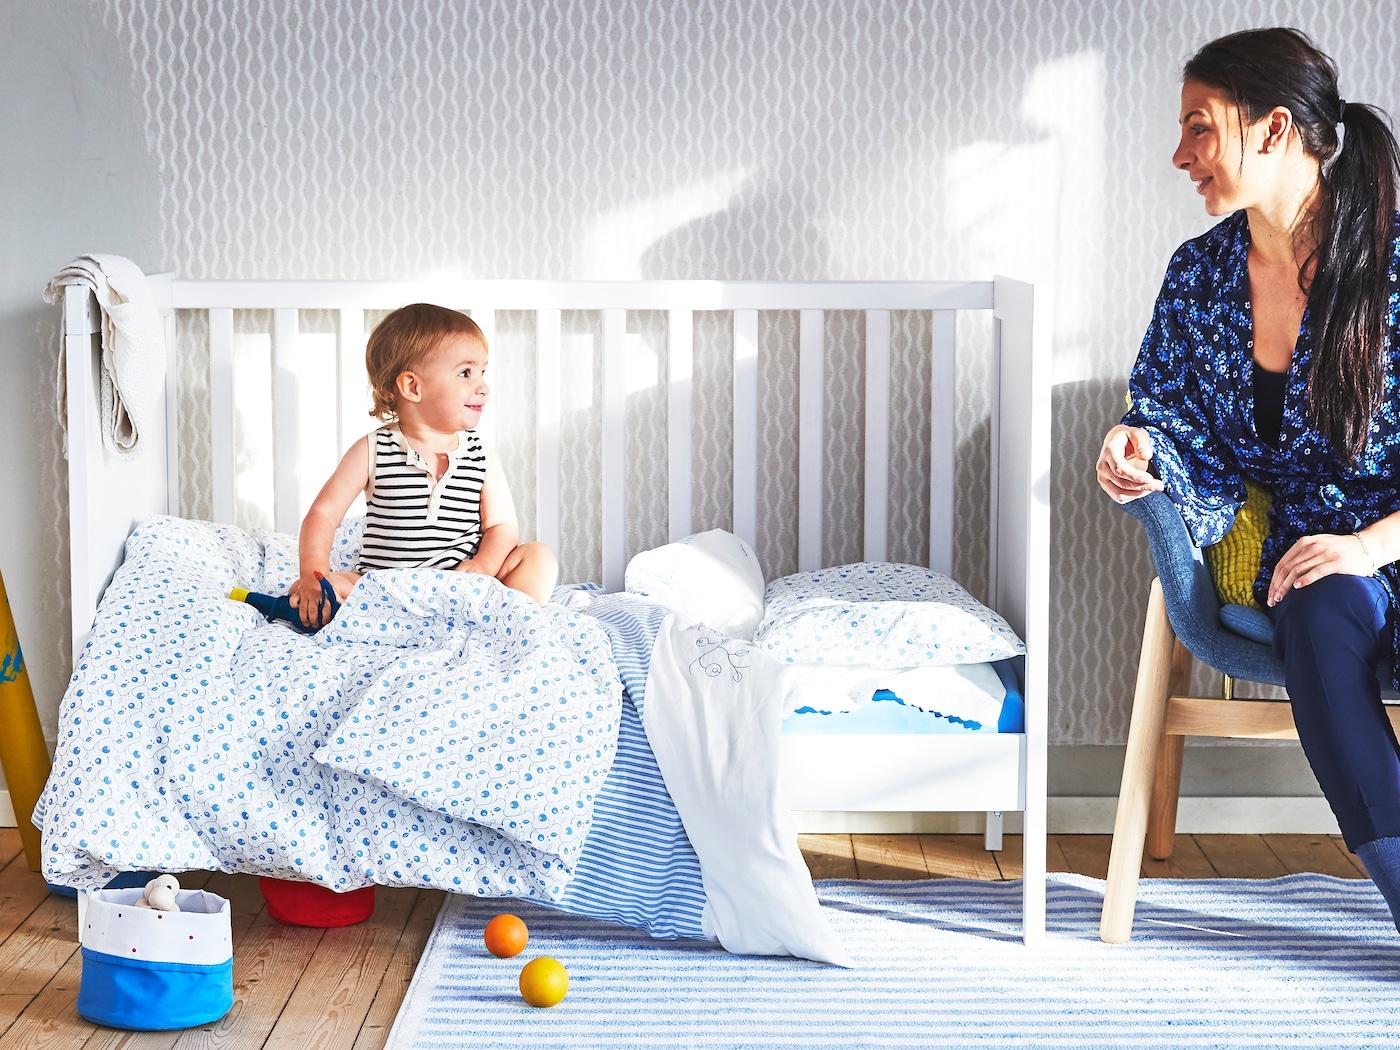 En kvinna tittar på en bebis på en säng med blå och vita GULSPARV barntextilier. En randig GULSPARV matta är i förgrunden.